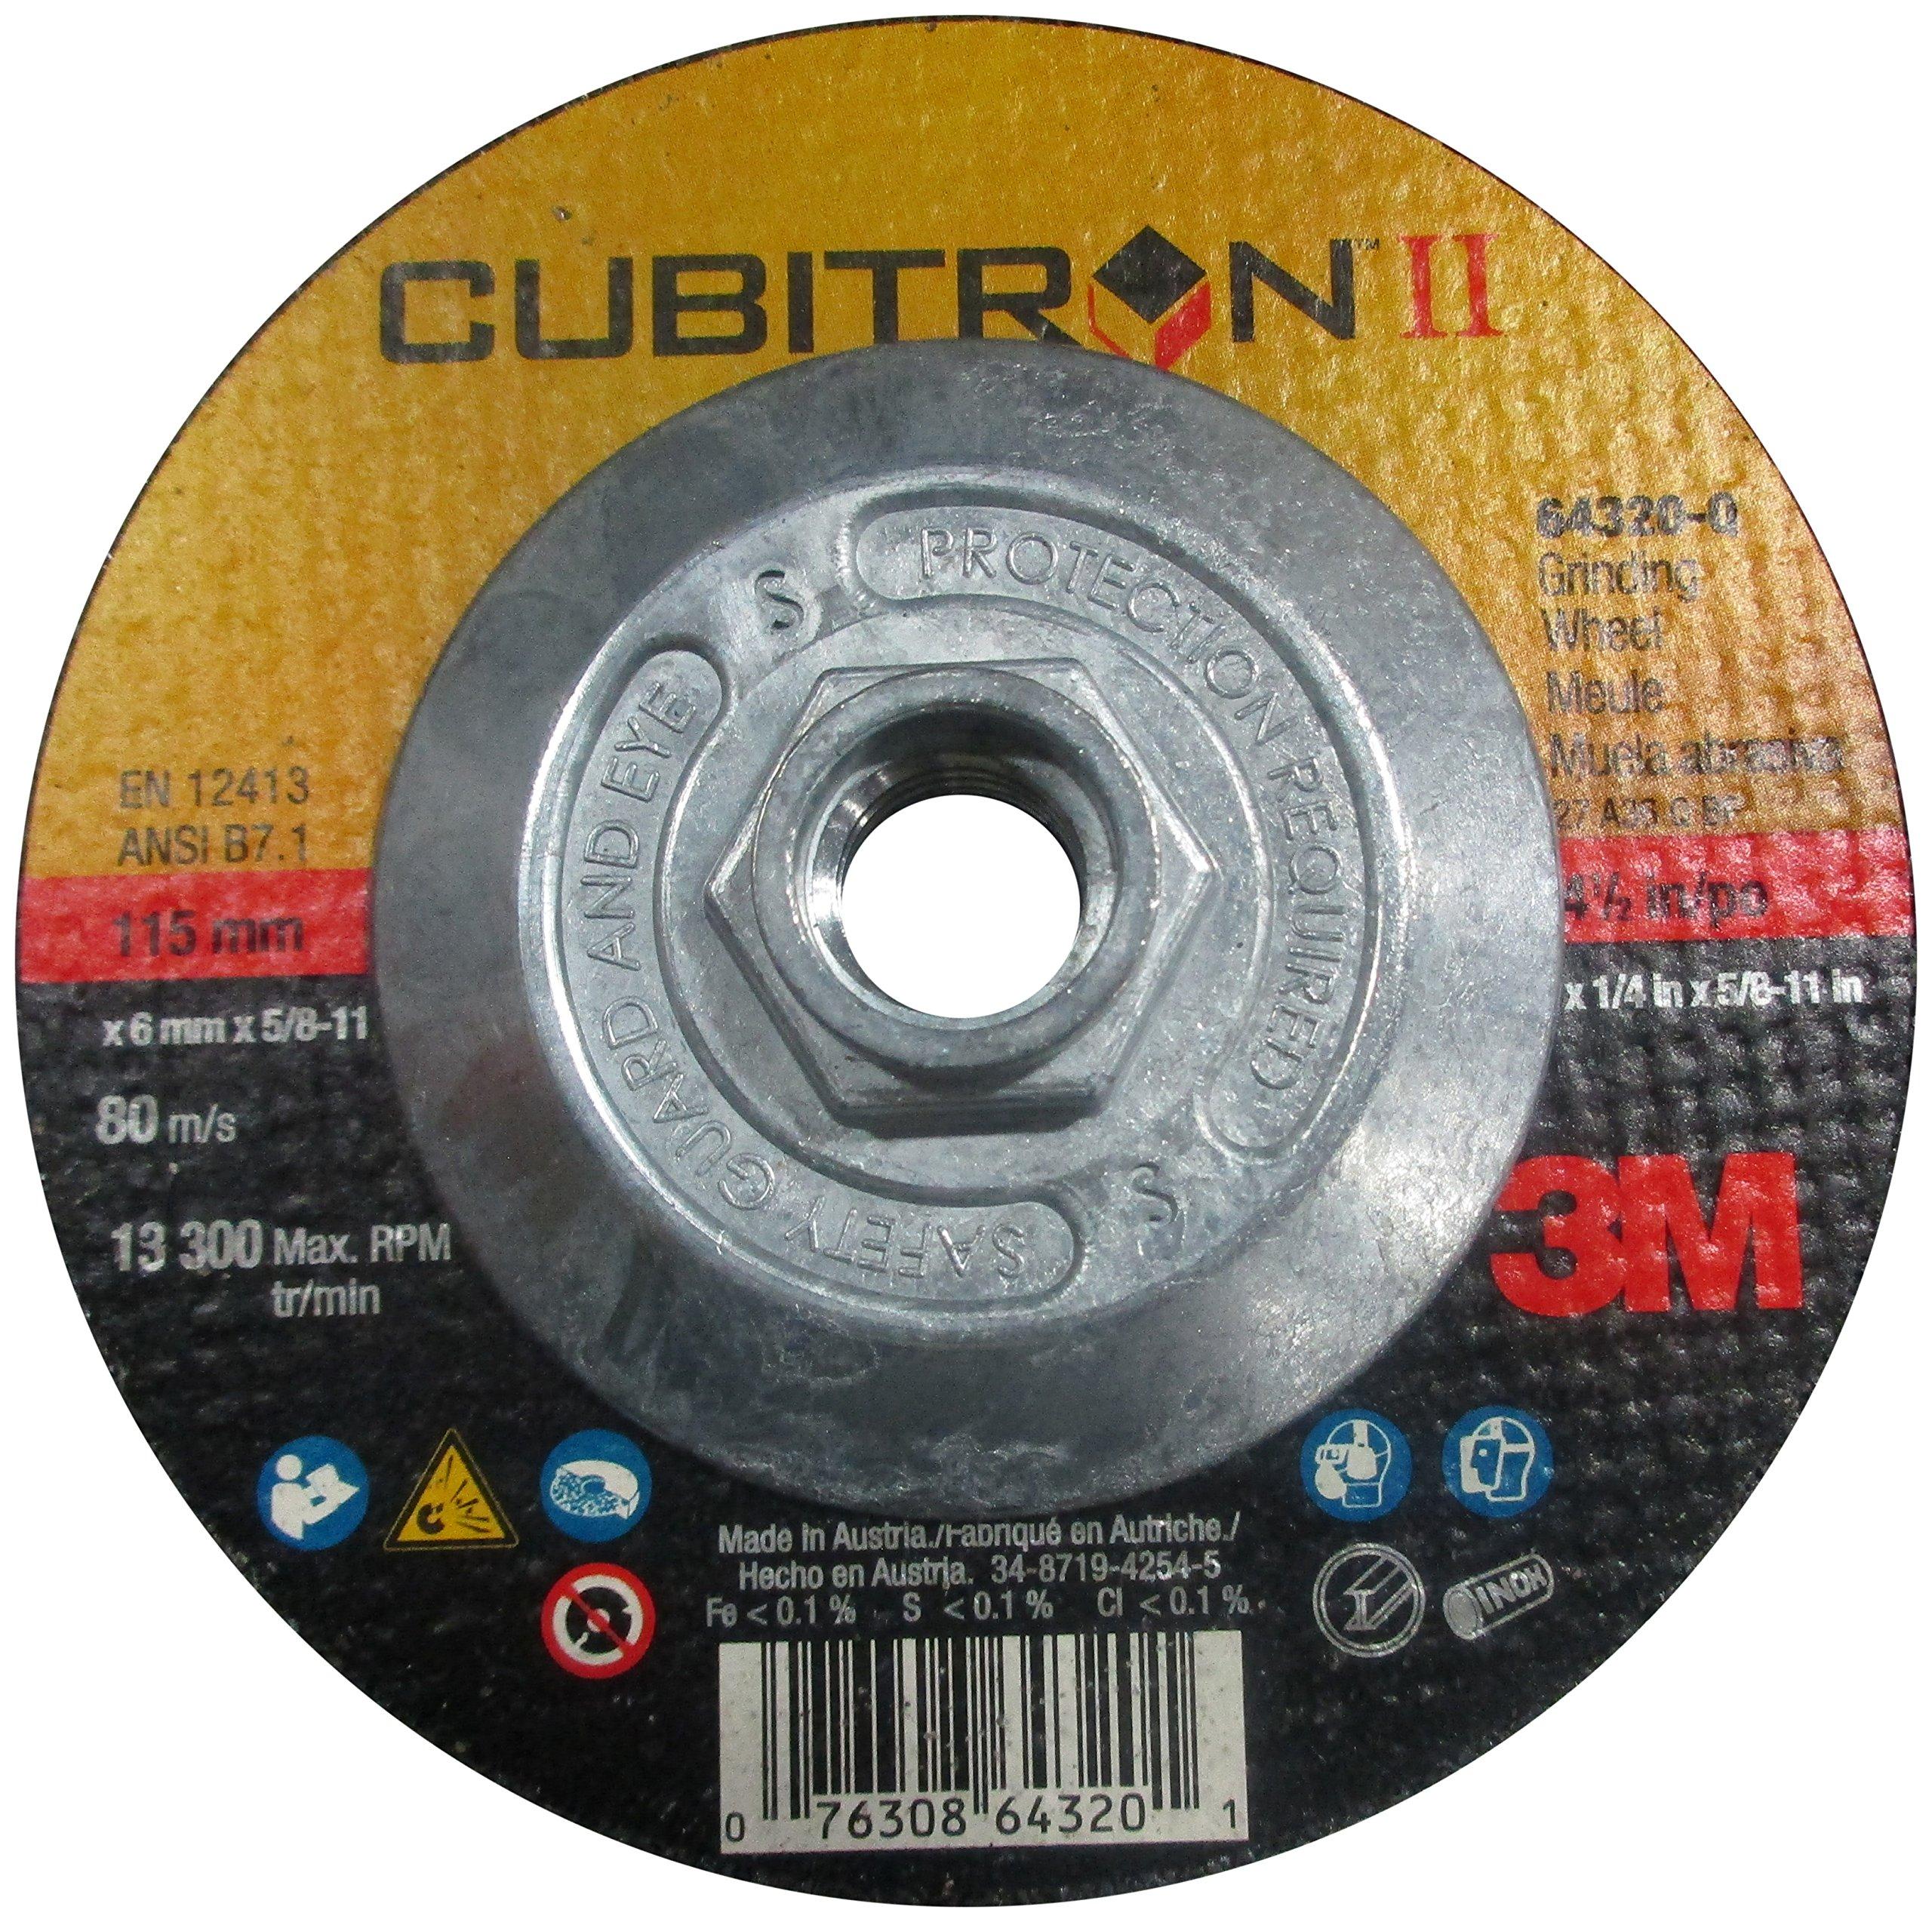 12250 RPM 5 Diameter x 1//4 Thick Pack of 1 36+ Grade Precision Shaped Ceramic Grain 3M Cubitron II Depressed Center Grinding Wheel T27 Quick Change 5//8-11 Arbor